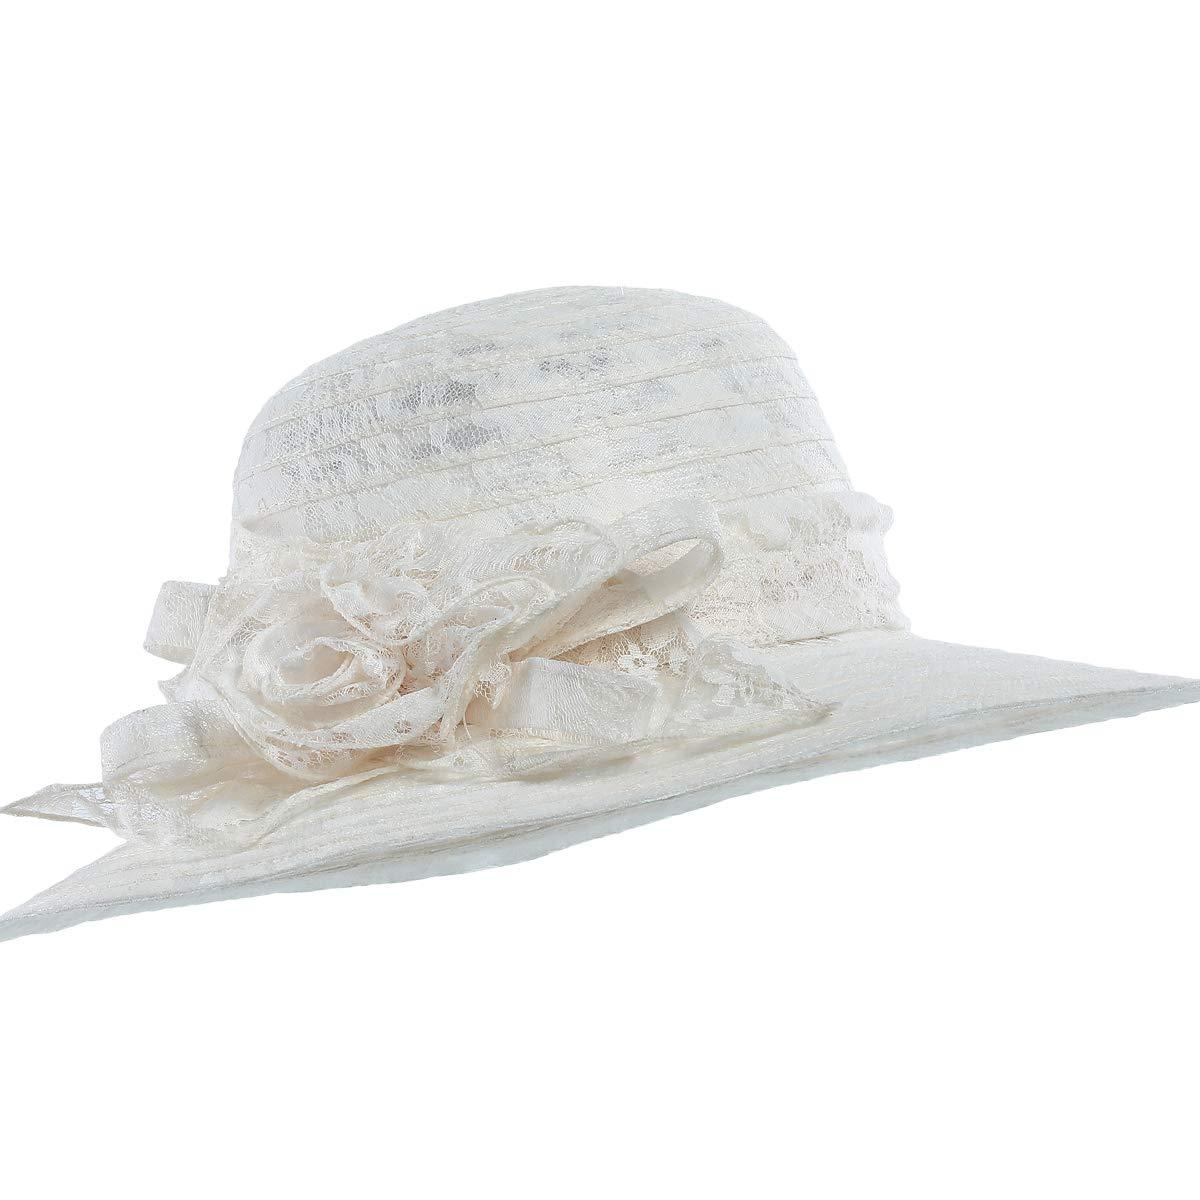 c1544f6dc1e WELROG Women s Kentucky Derby Church Hat - Foldable Floppy Dress Hats  Fascinators Fancy Wide Brim Tea Party Wedding Sun Hats (Beige  3) at Amazon  Women s ...